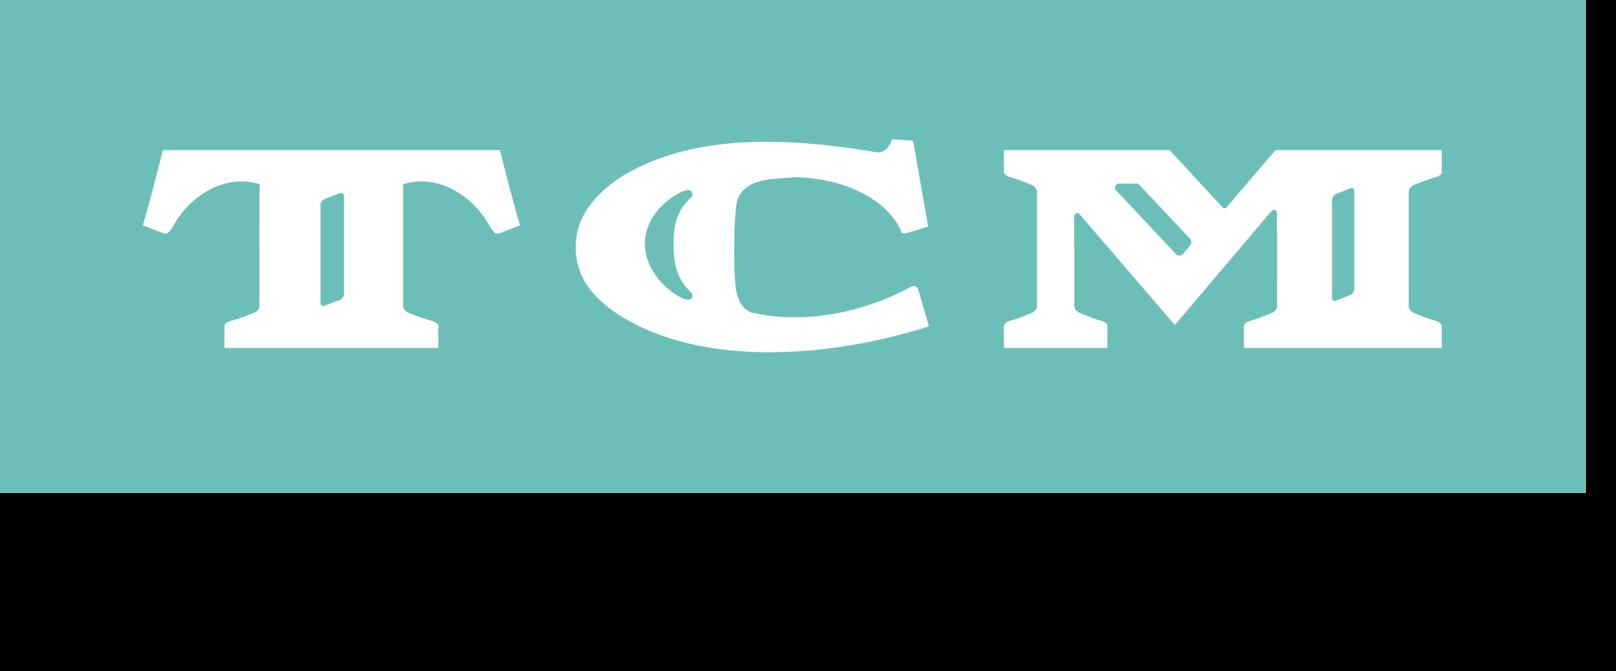 Turner Logo PNG - 36524